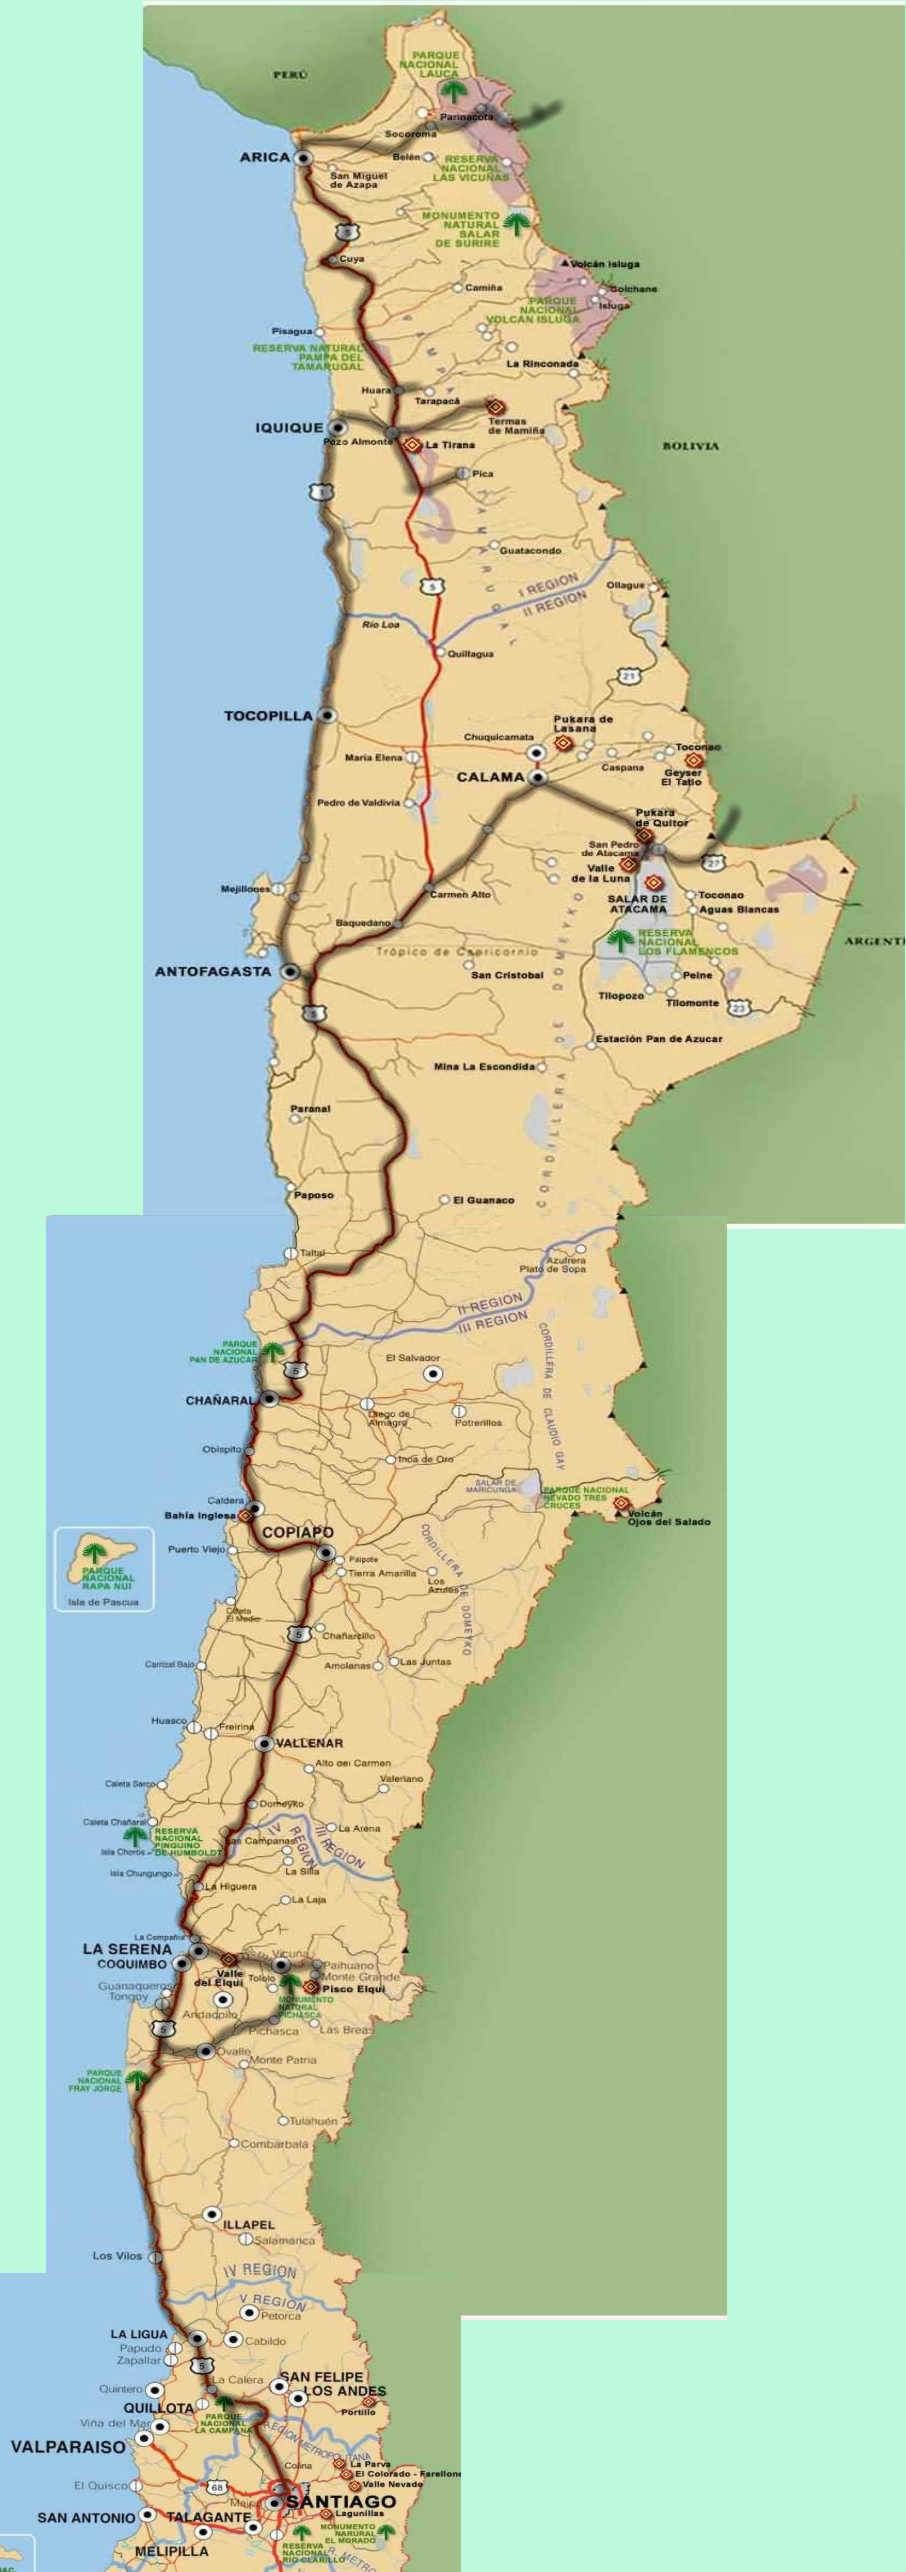 Le Nord du Chili - PartirOu.com